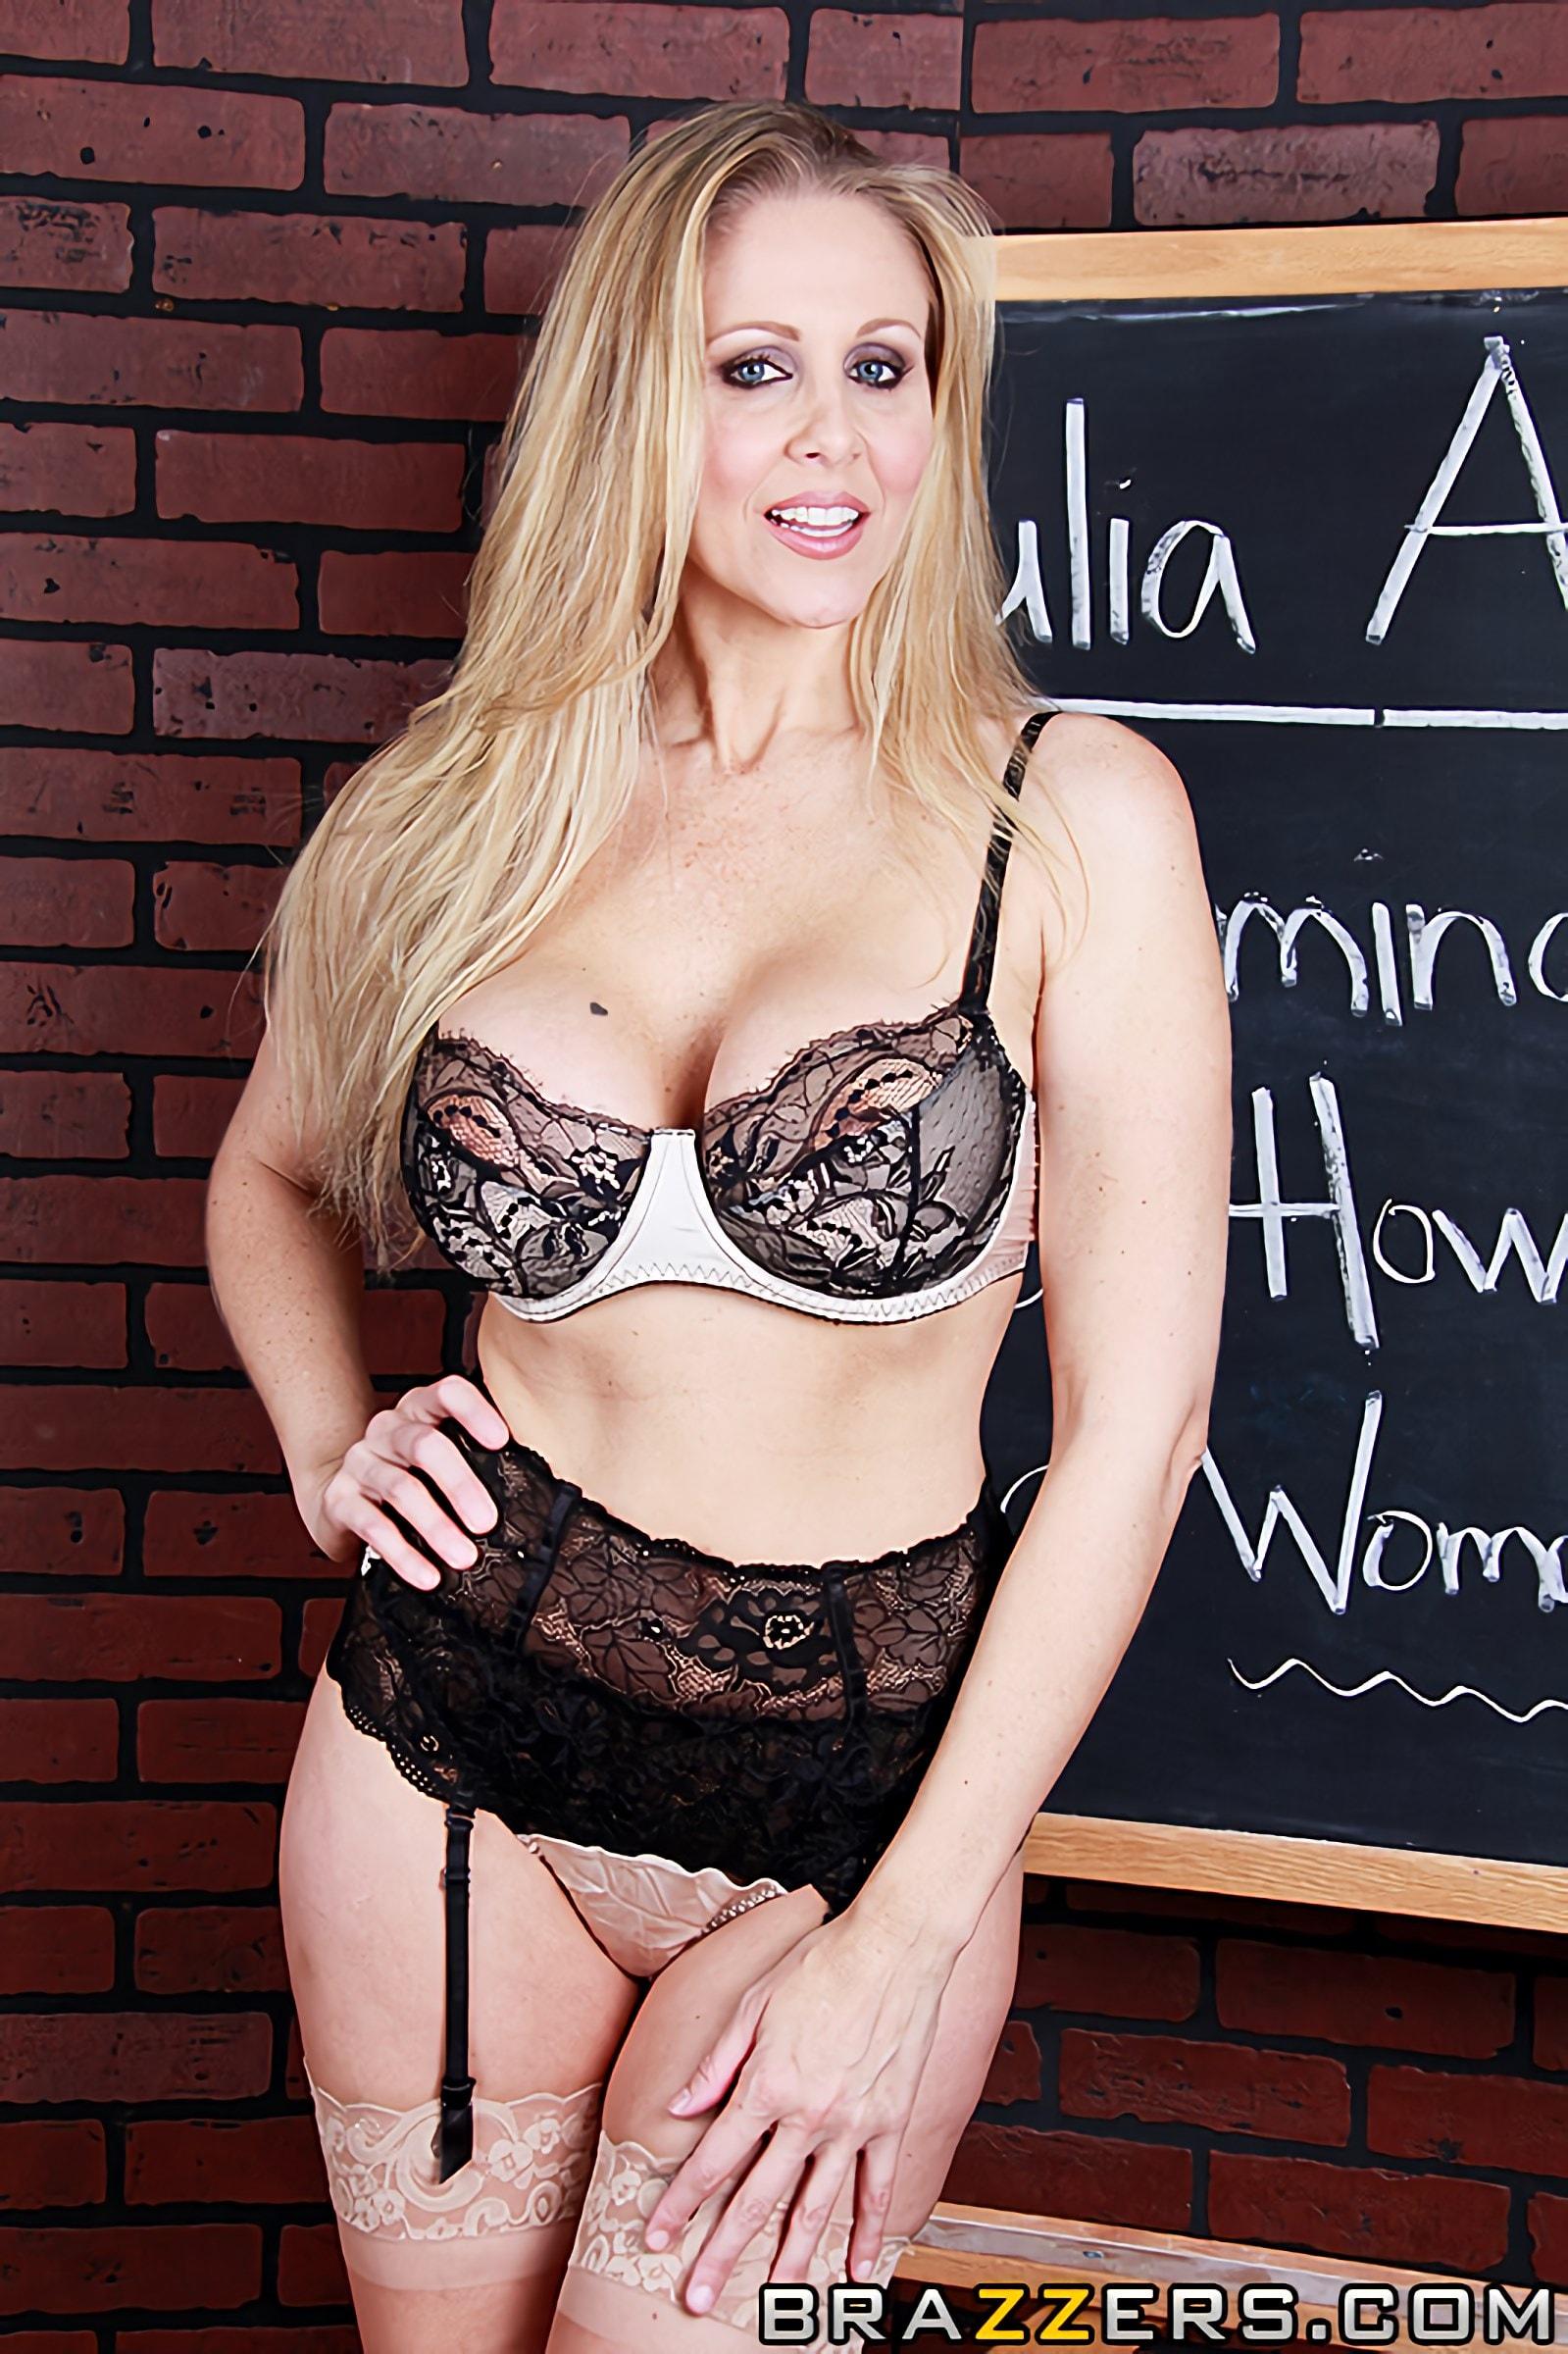 Джулия энн с черным гигантом, красивое голое женское тело порно